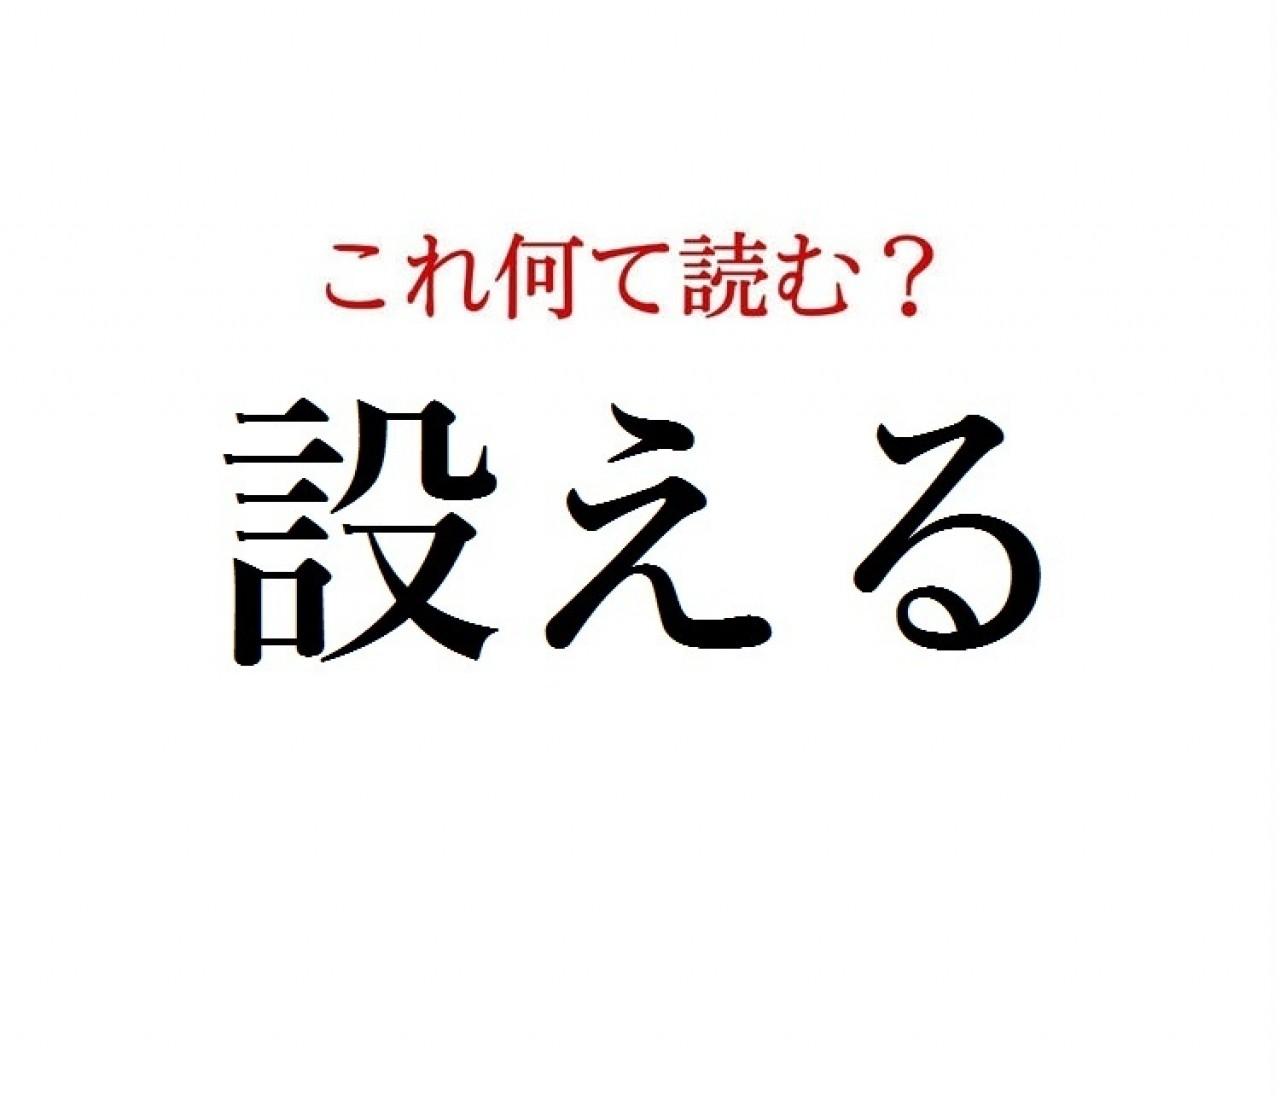 「設える」:この漢字、自信を持って読めますか?【働く大人の漢字クイズvol.305】